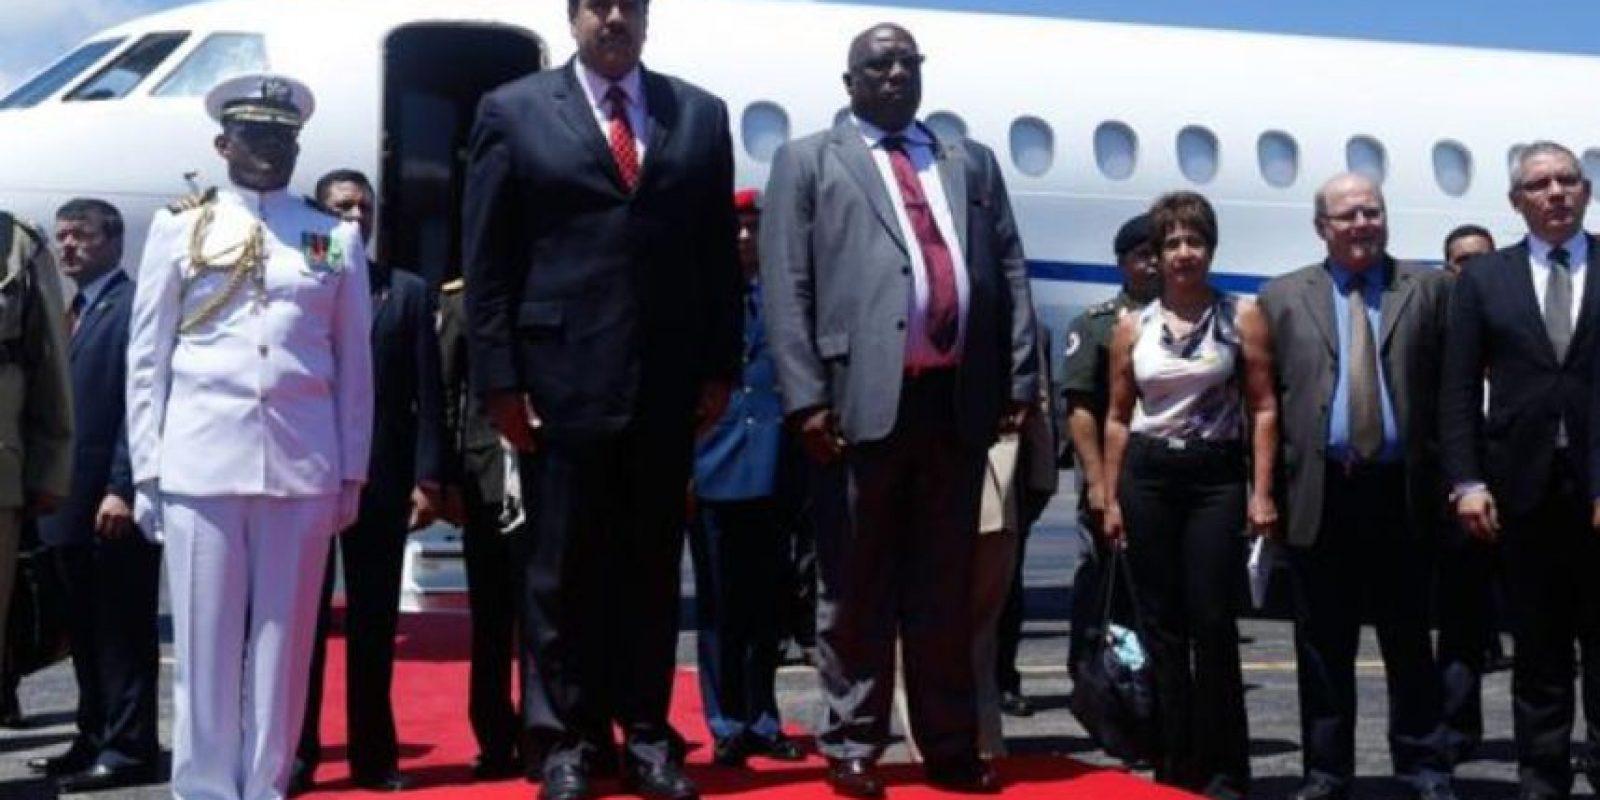 Esta es la primera vez que Nicolás Maduro visita la isla caribeña. Foto:Vía Twitter @kchikmo